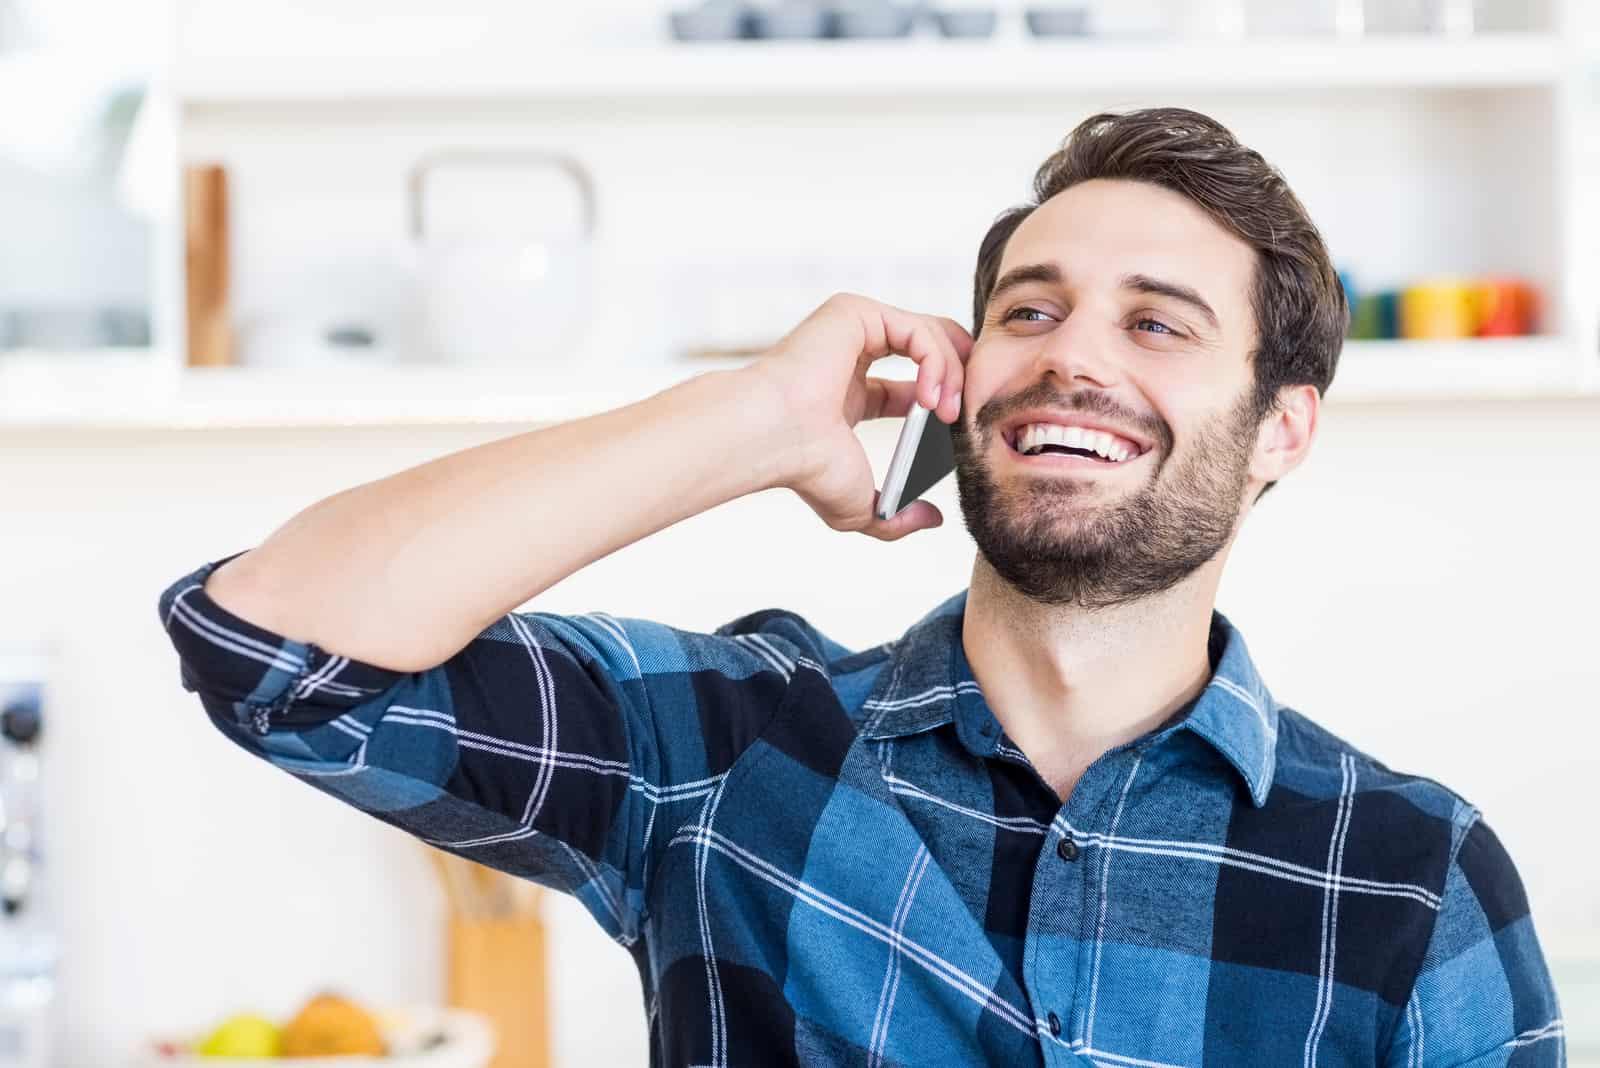 homme souriant, parler au téléphone mobile